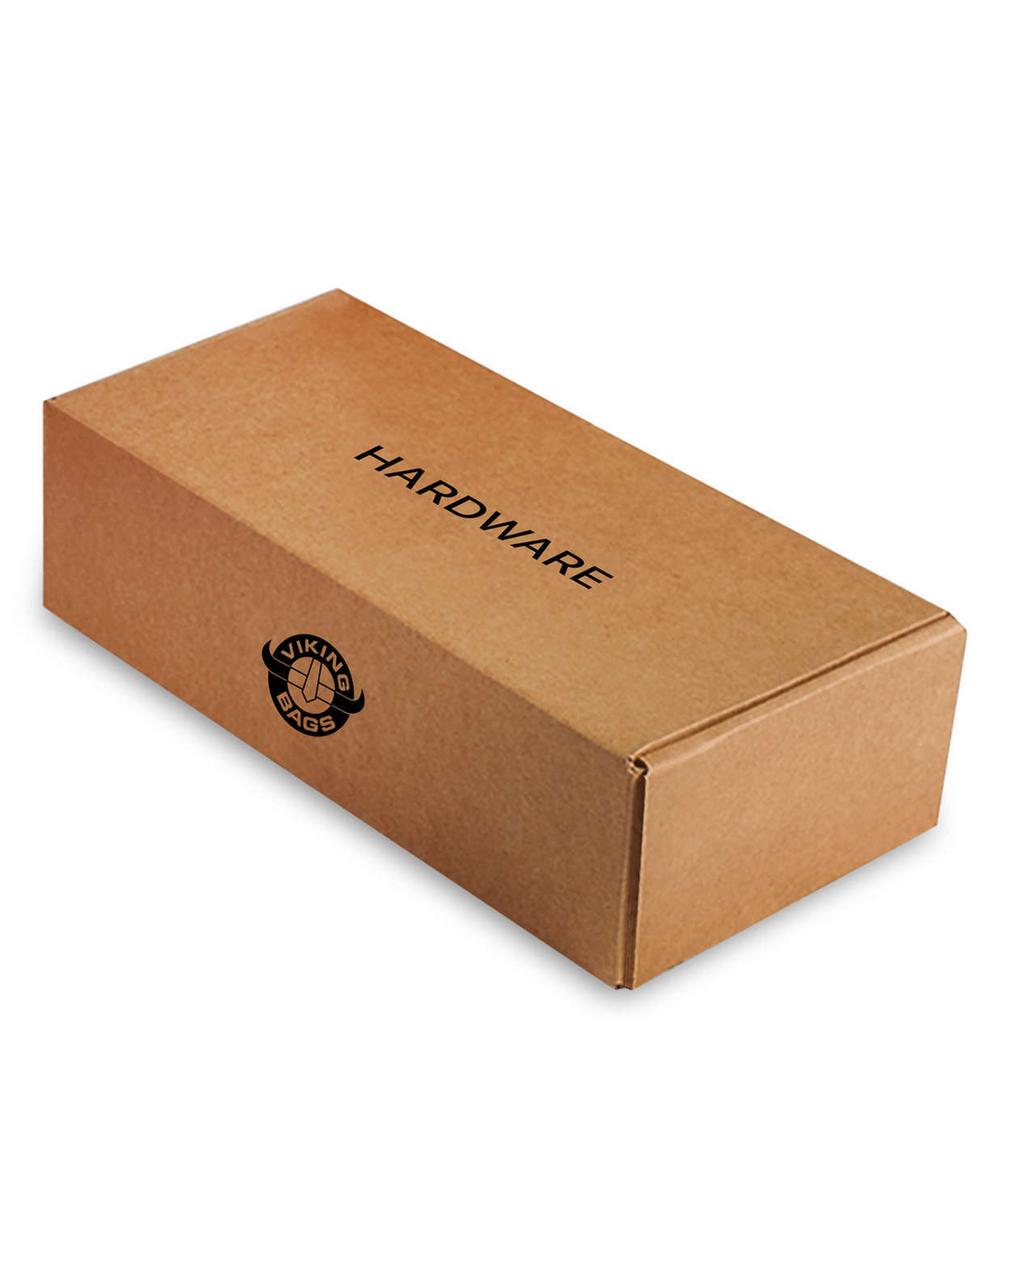 Honda Magna 750 Large Slanted Motorcycle Saddlebags Hardware Box